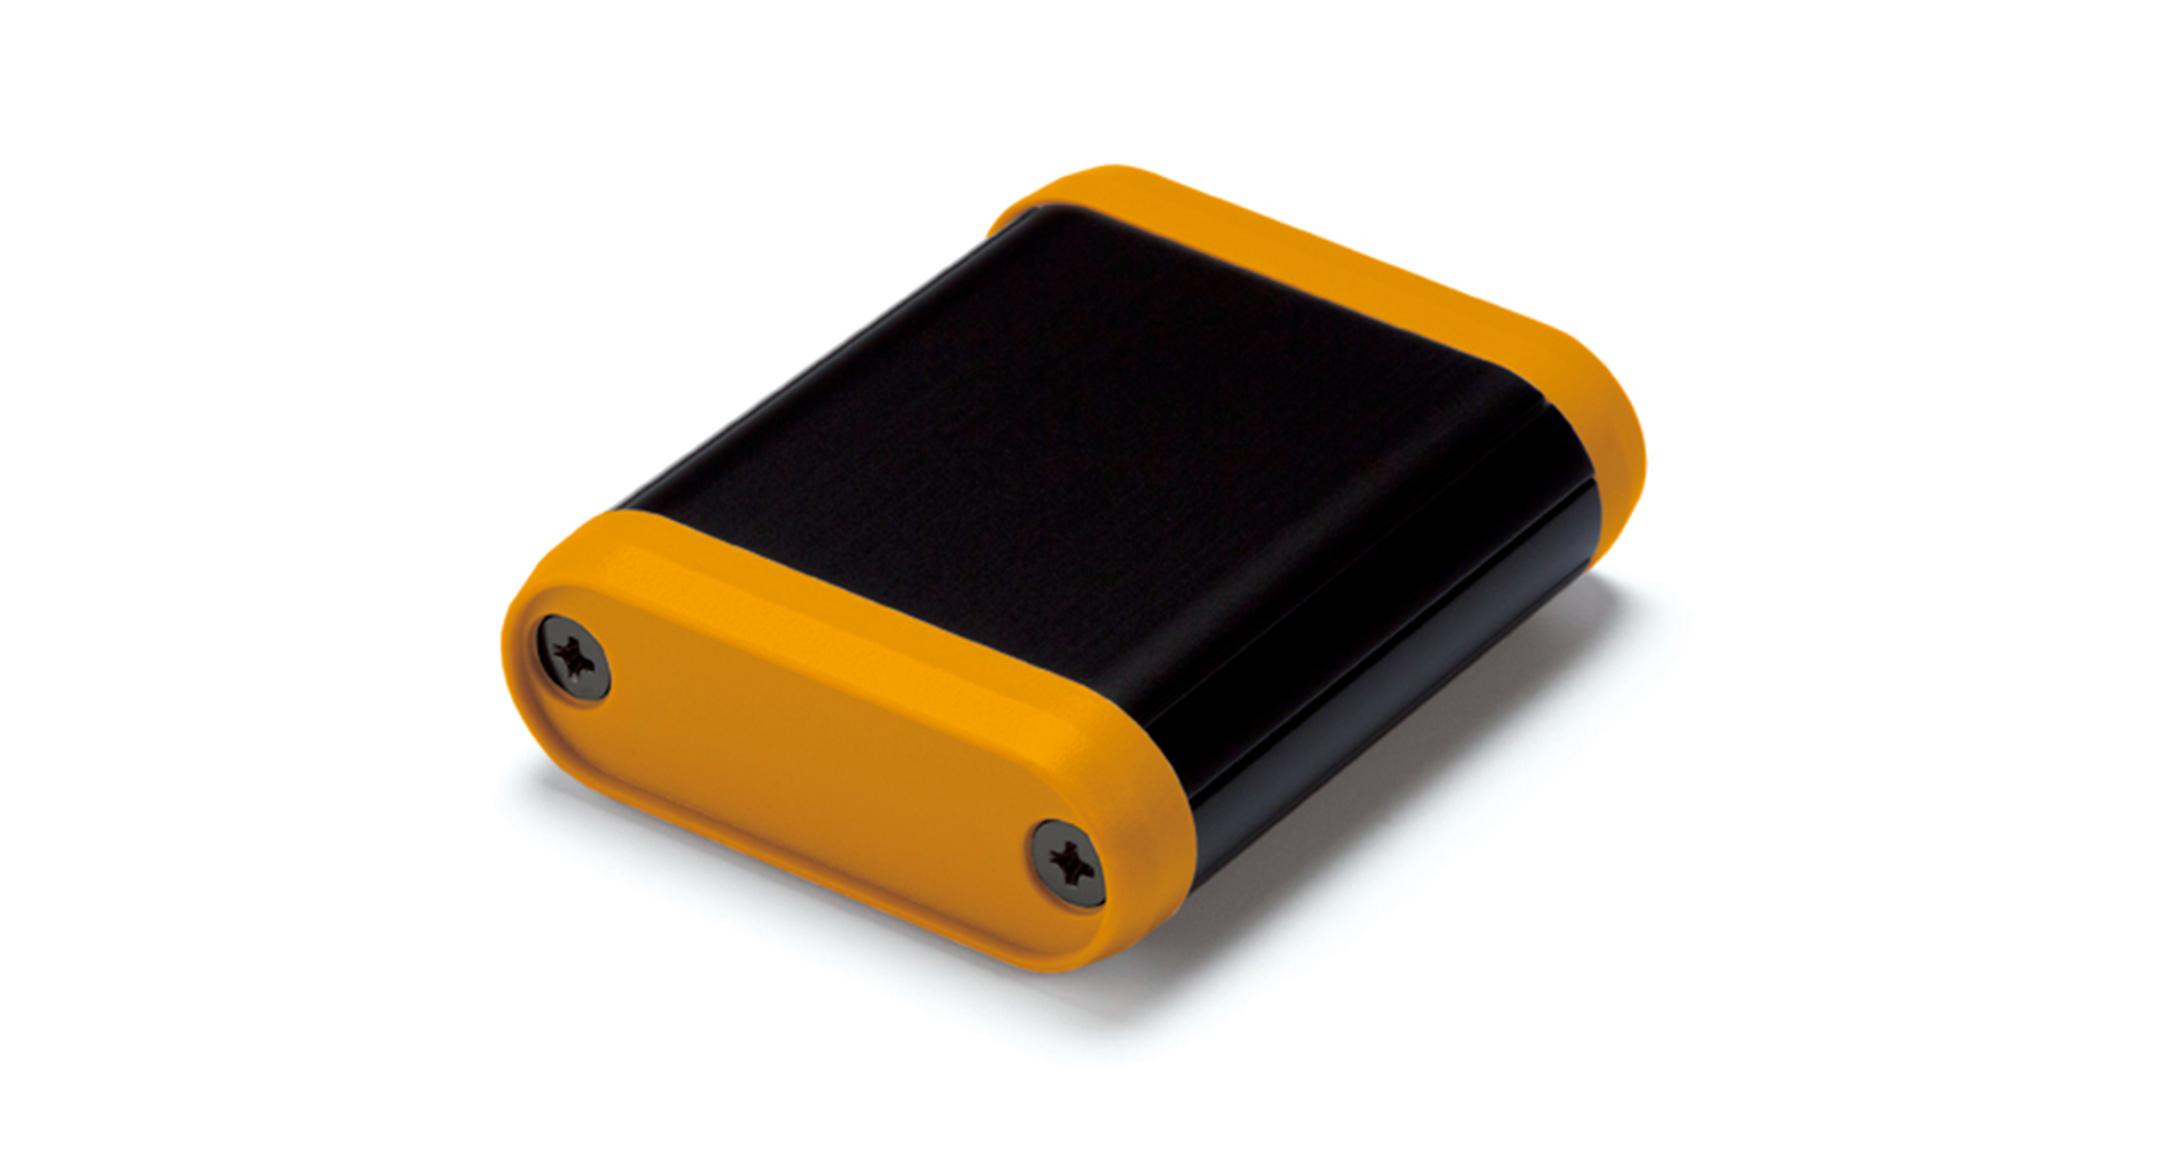 丸型モバイルケース MXシリーズ:ブラック/オレンジの画像